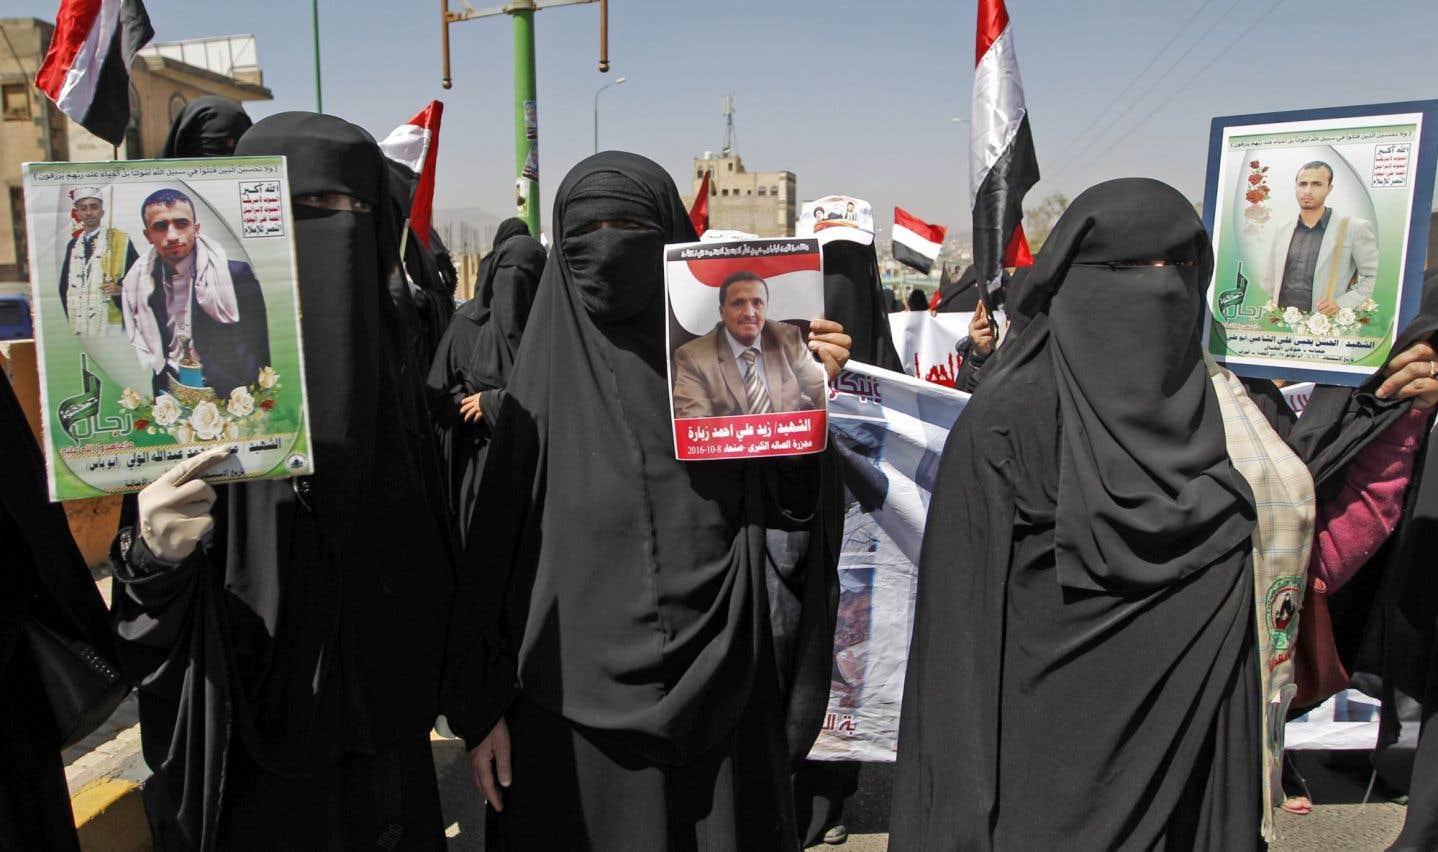 Des personnes ont manifesté mardi à Sanaa lors de la visite du médiateur de l'ONU. Certaines arboraient des photos de victimes du carnage du 8octobre à Sanaa.